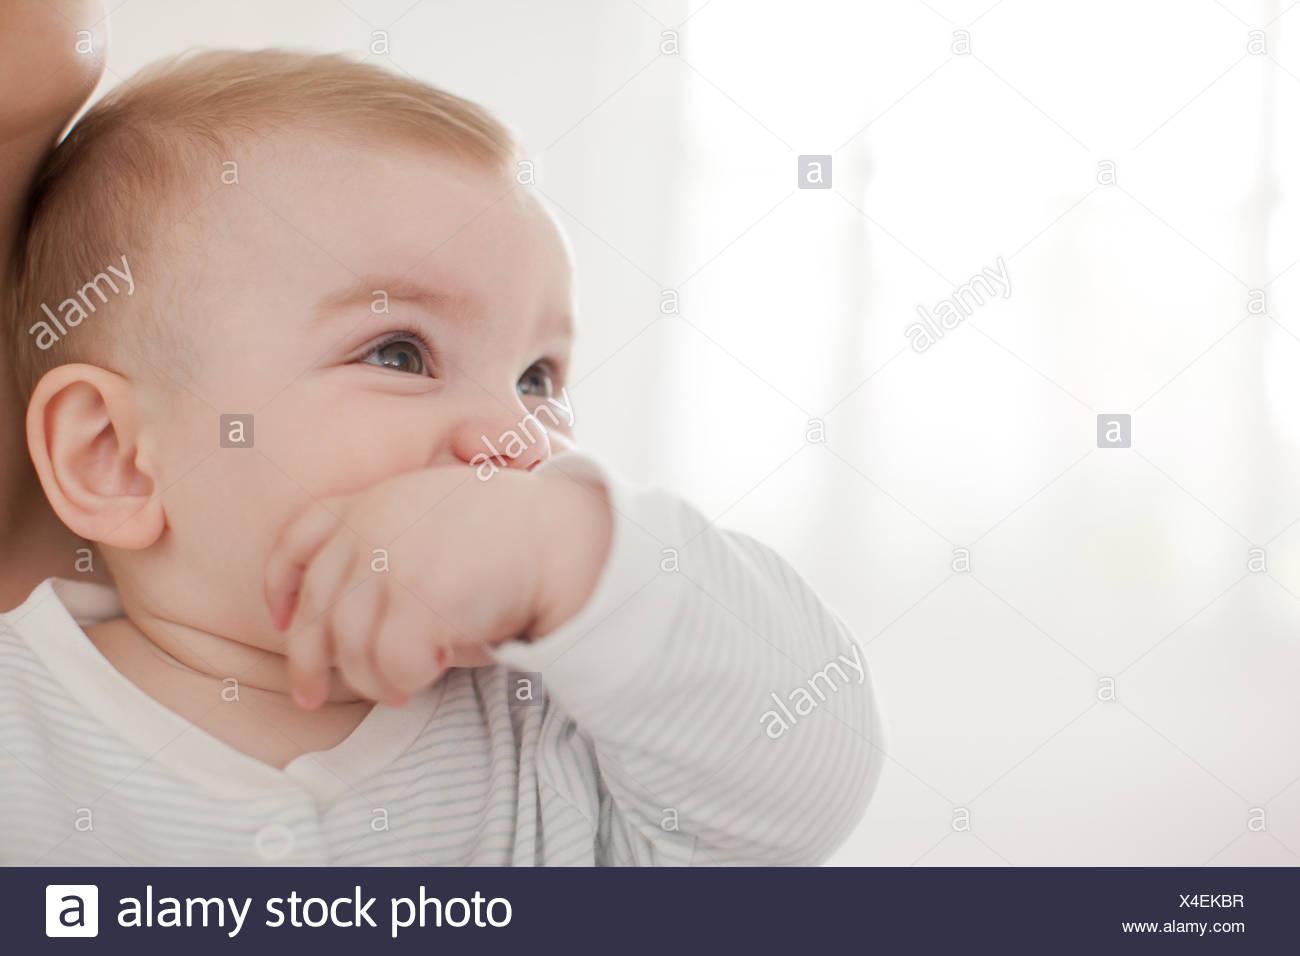 Baby biting pouce dans la bouche Photo Stock